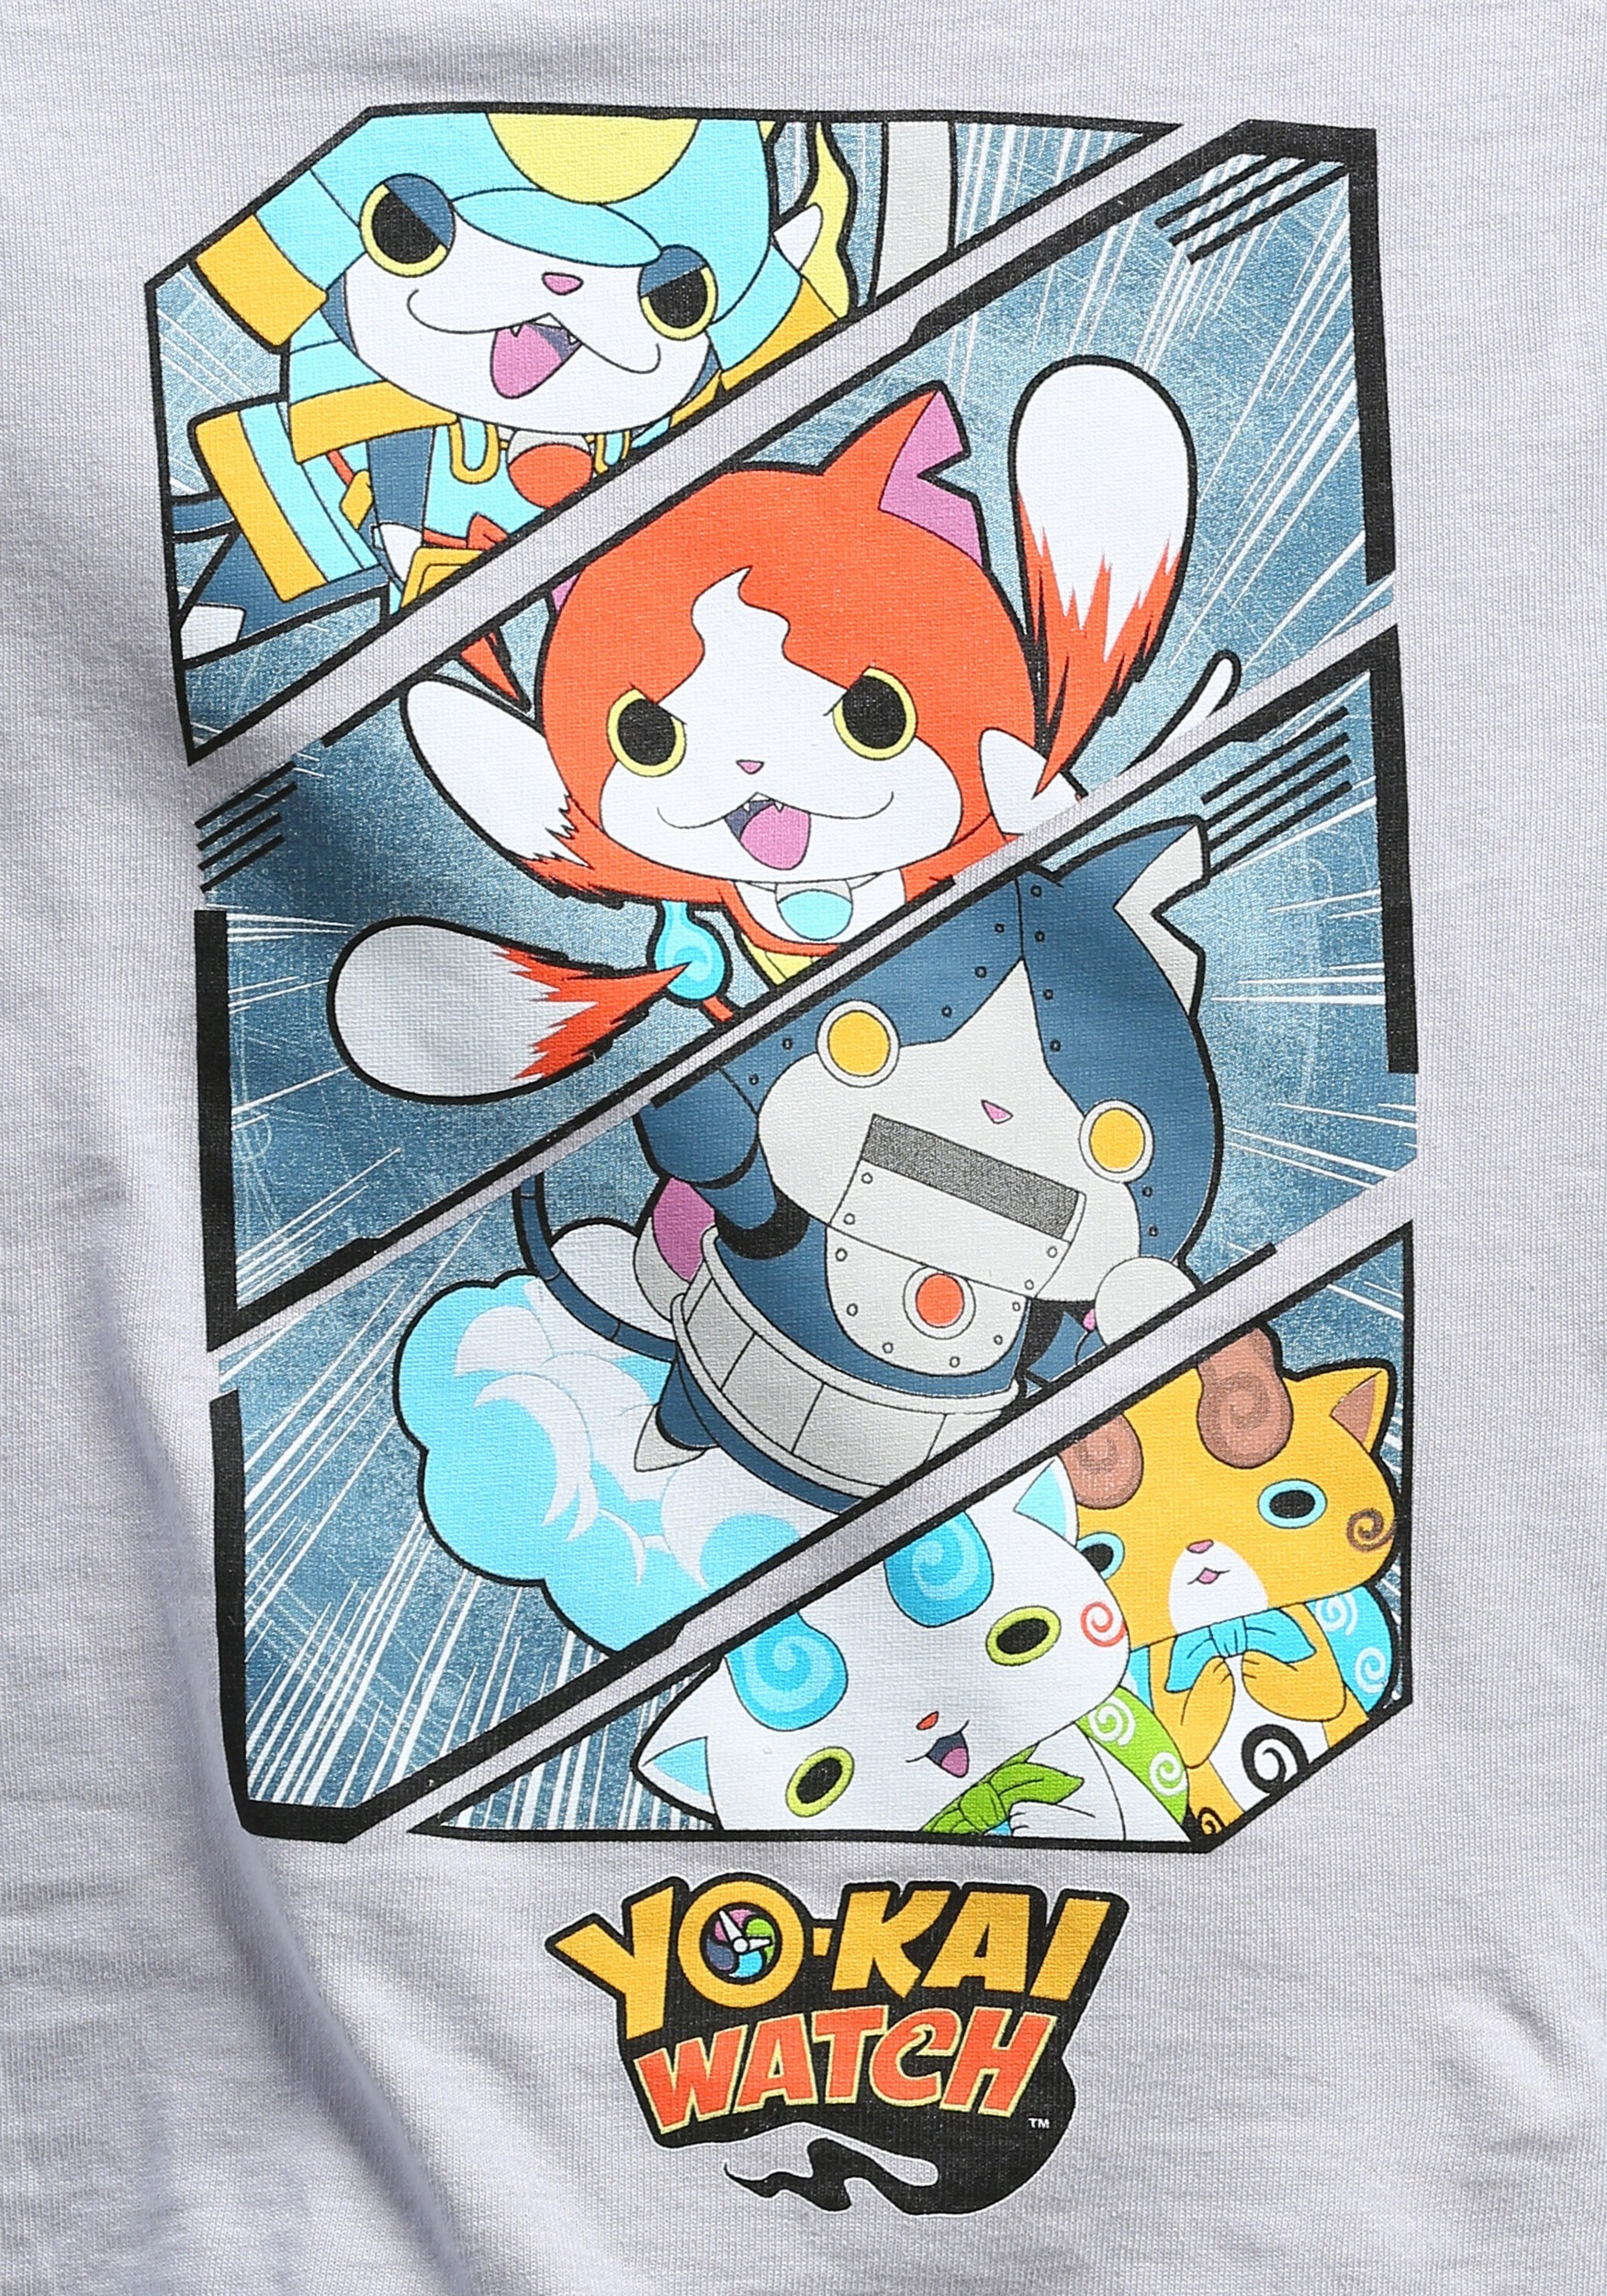 Yo kai watch action shot t shirt for kids for Sale de bain yo kai watch 2